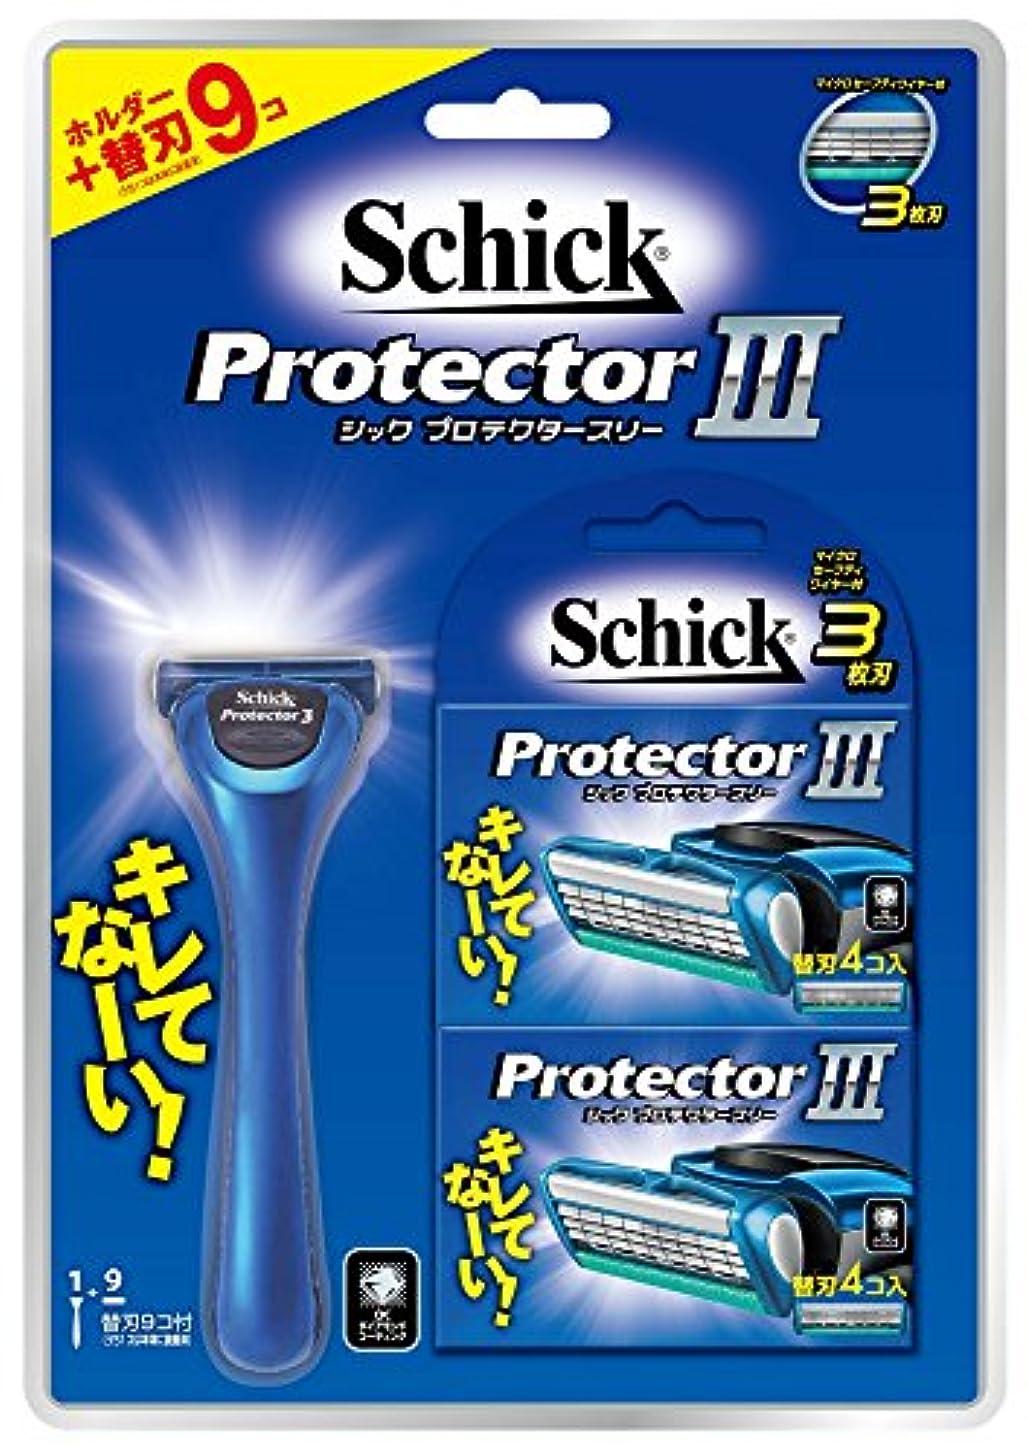 むさぼり食う本質的に明確なシック Schick 大容量 3枚刃 プロテクタースリー 替刃 9コ付 バリューパック ホルダー 本体付 男性カミソリ